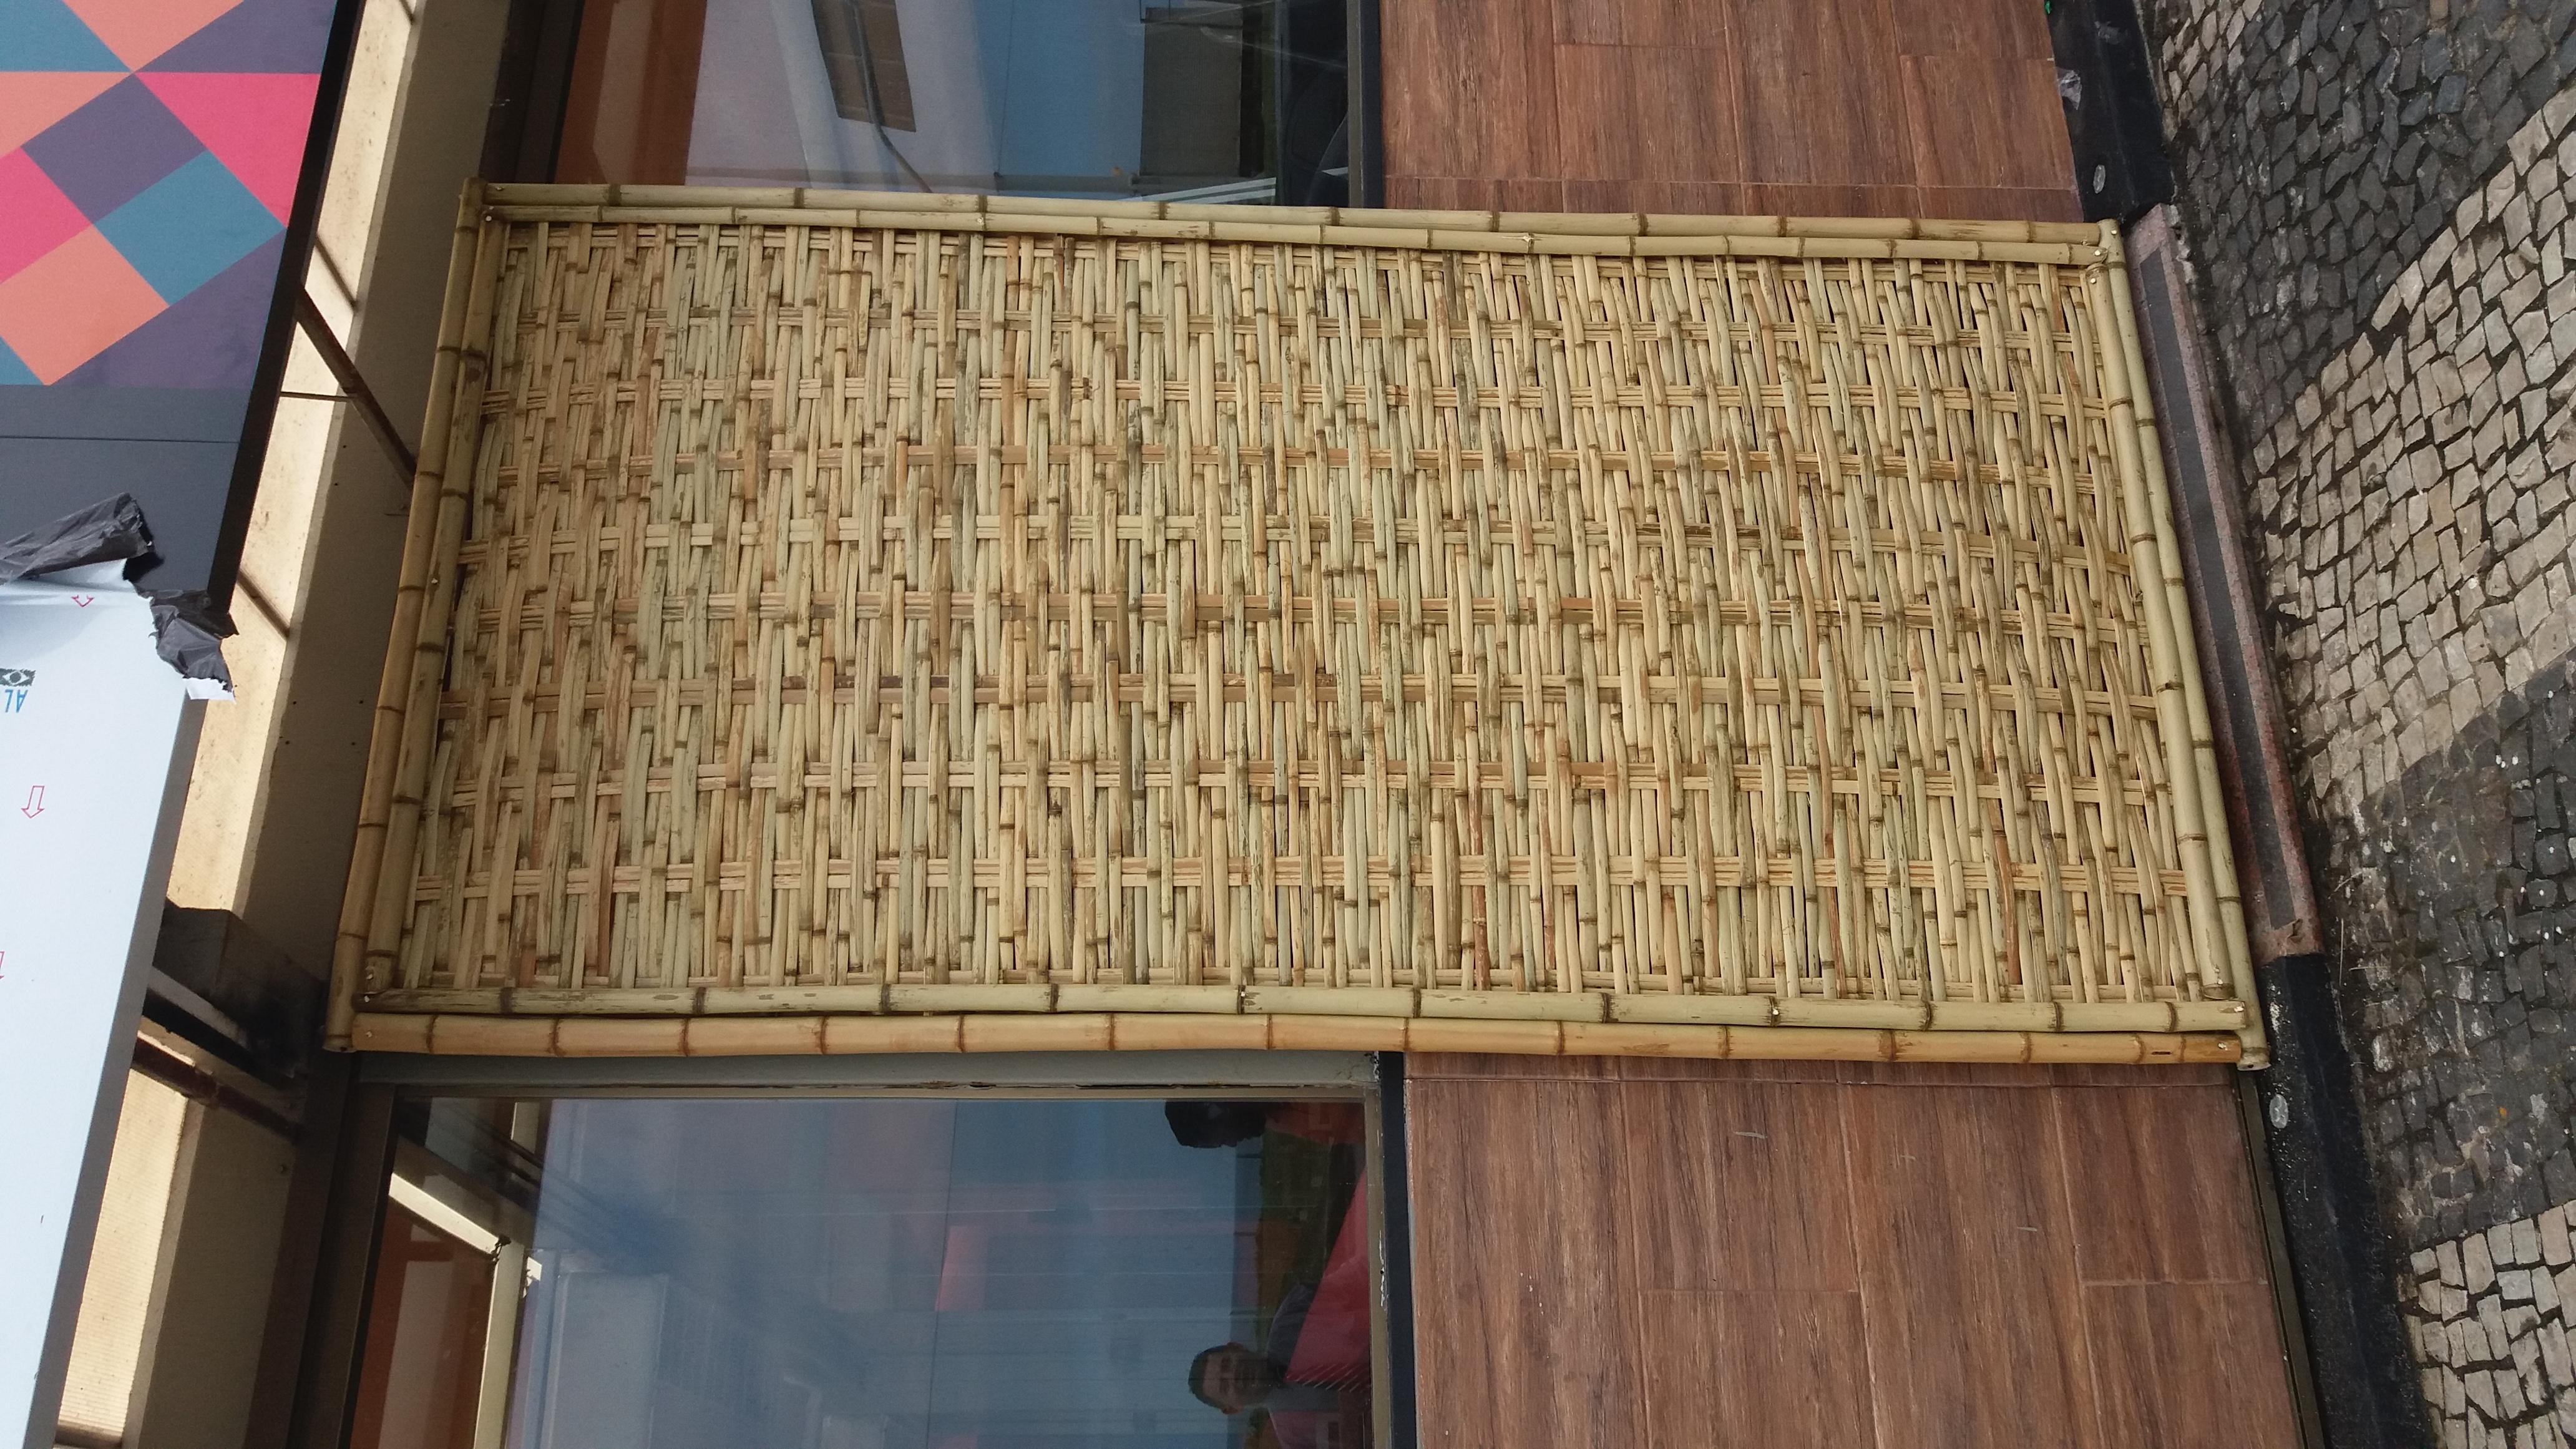 divisoria de bambu tratado